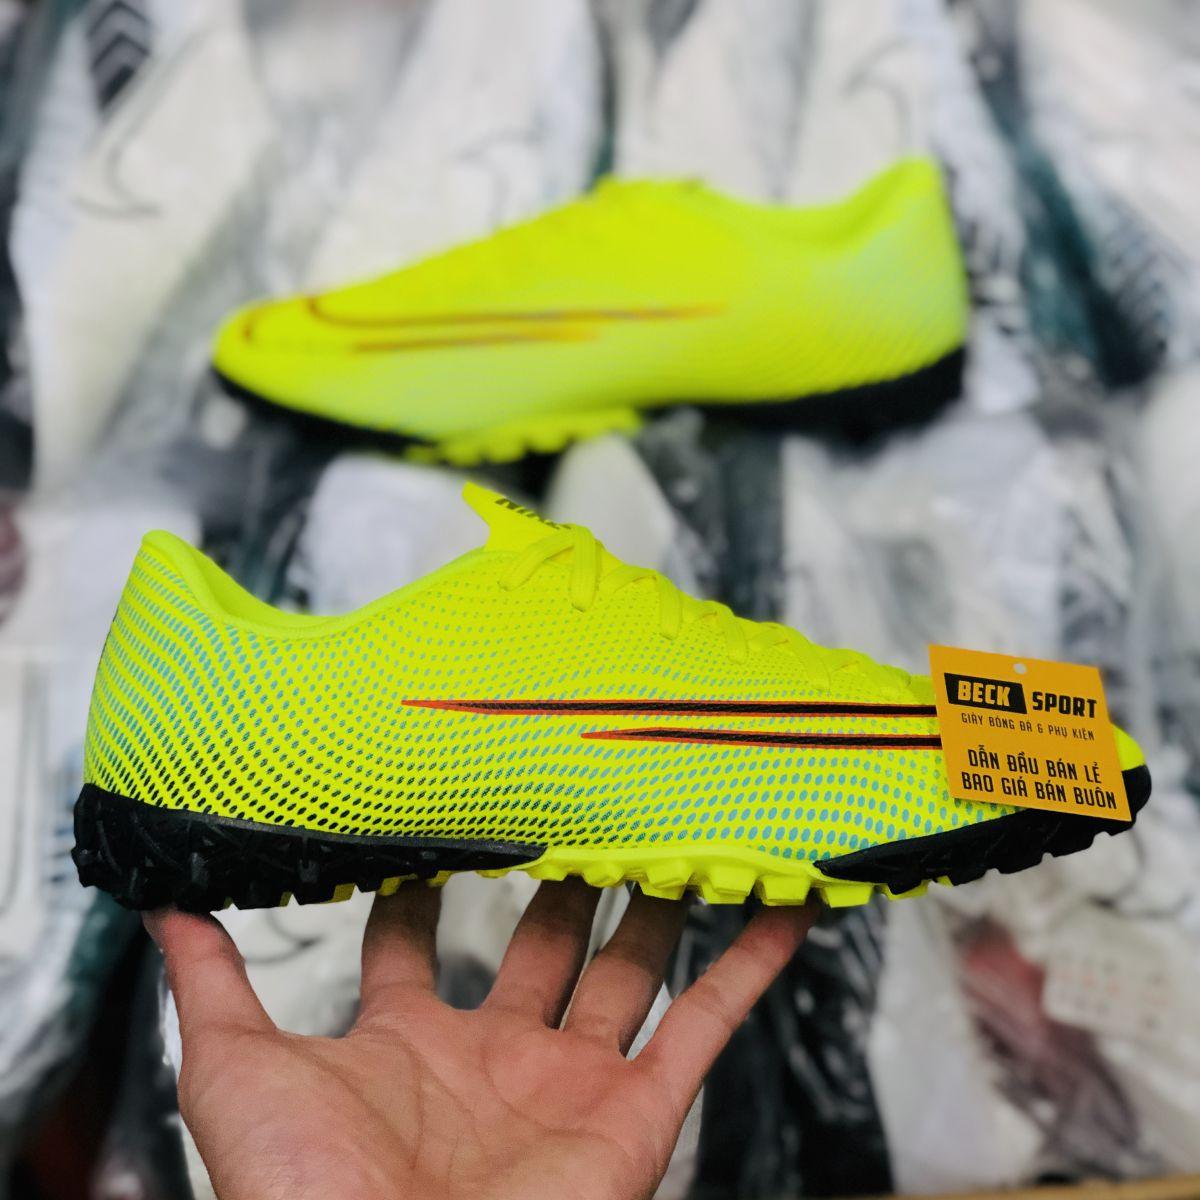 Giày Bóng Đá Nike Mercurial Dream Speed 13 Academy Nõn Chuối Xanh Ngọc Vạch Đen TF